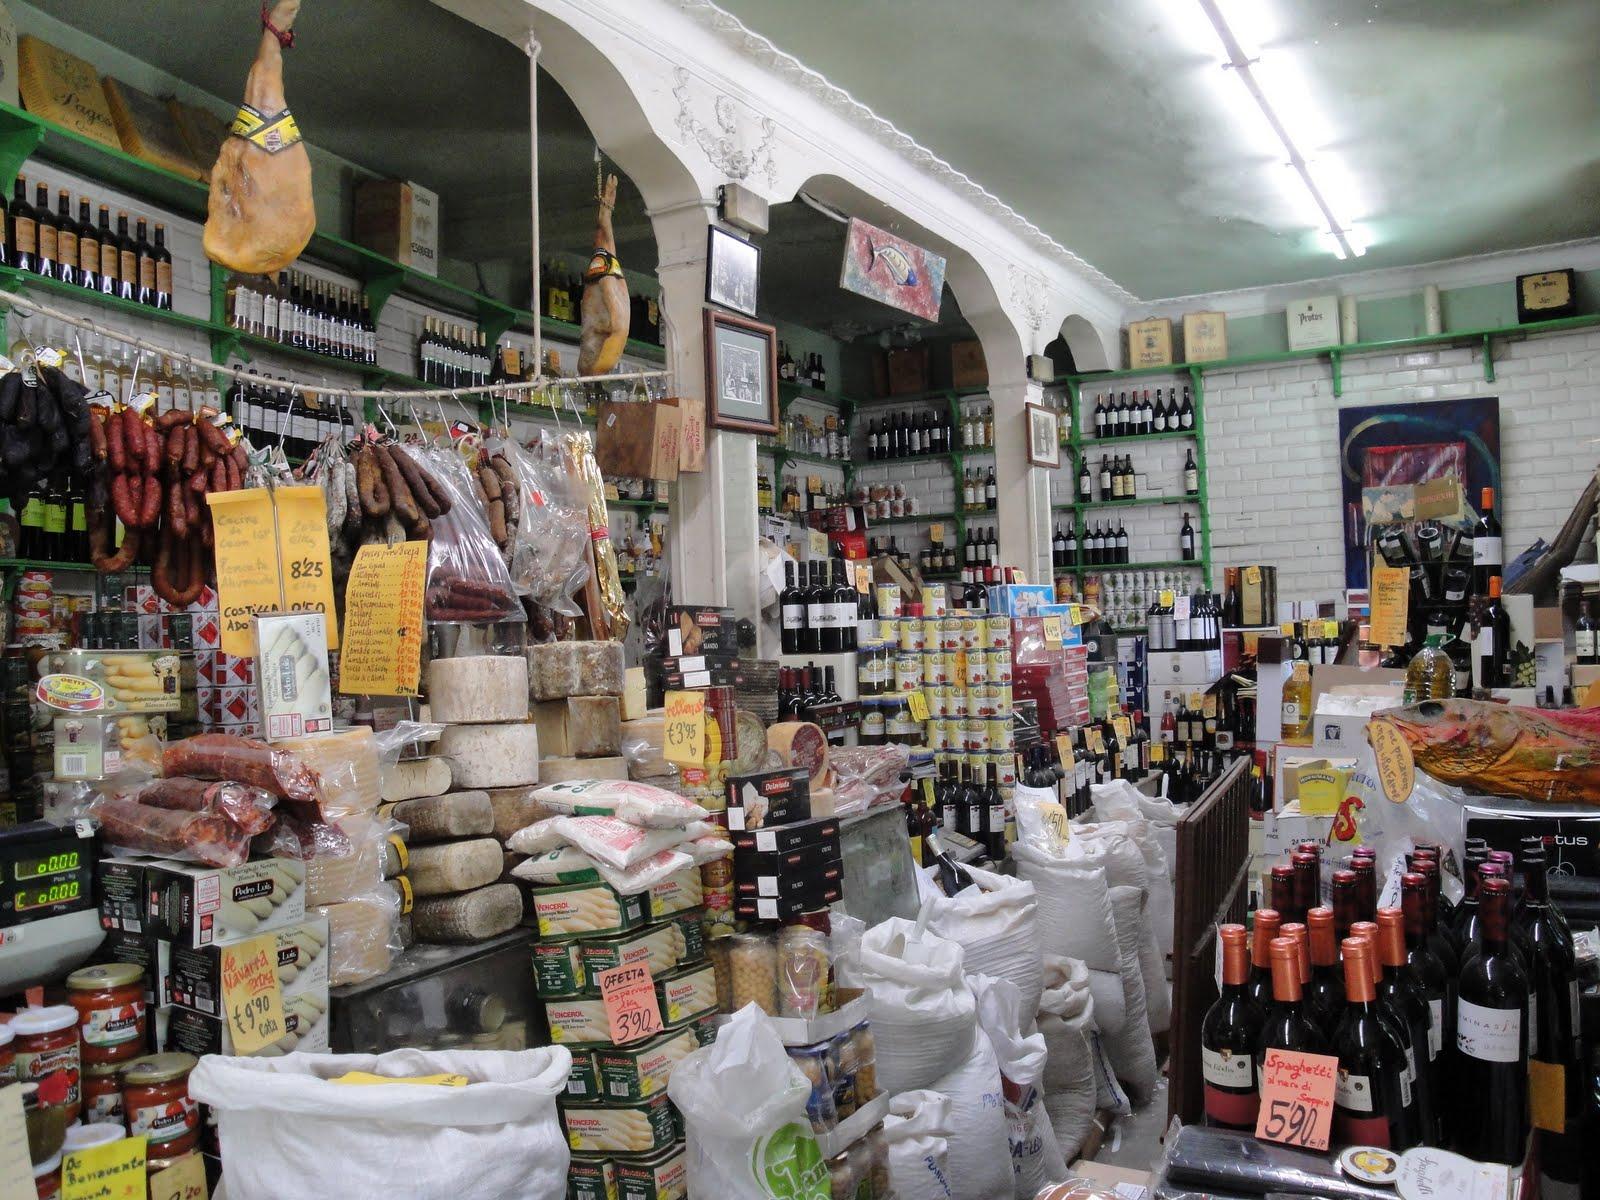 tienda del bacalao Valladolid